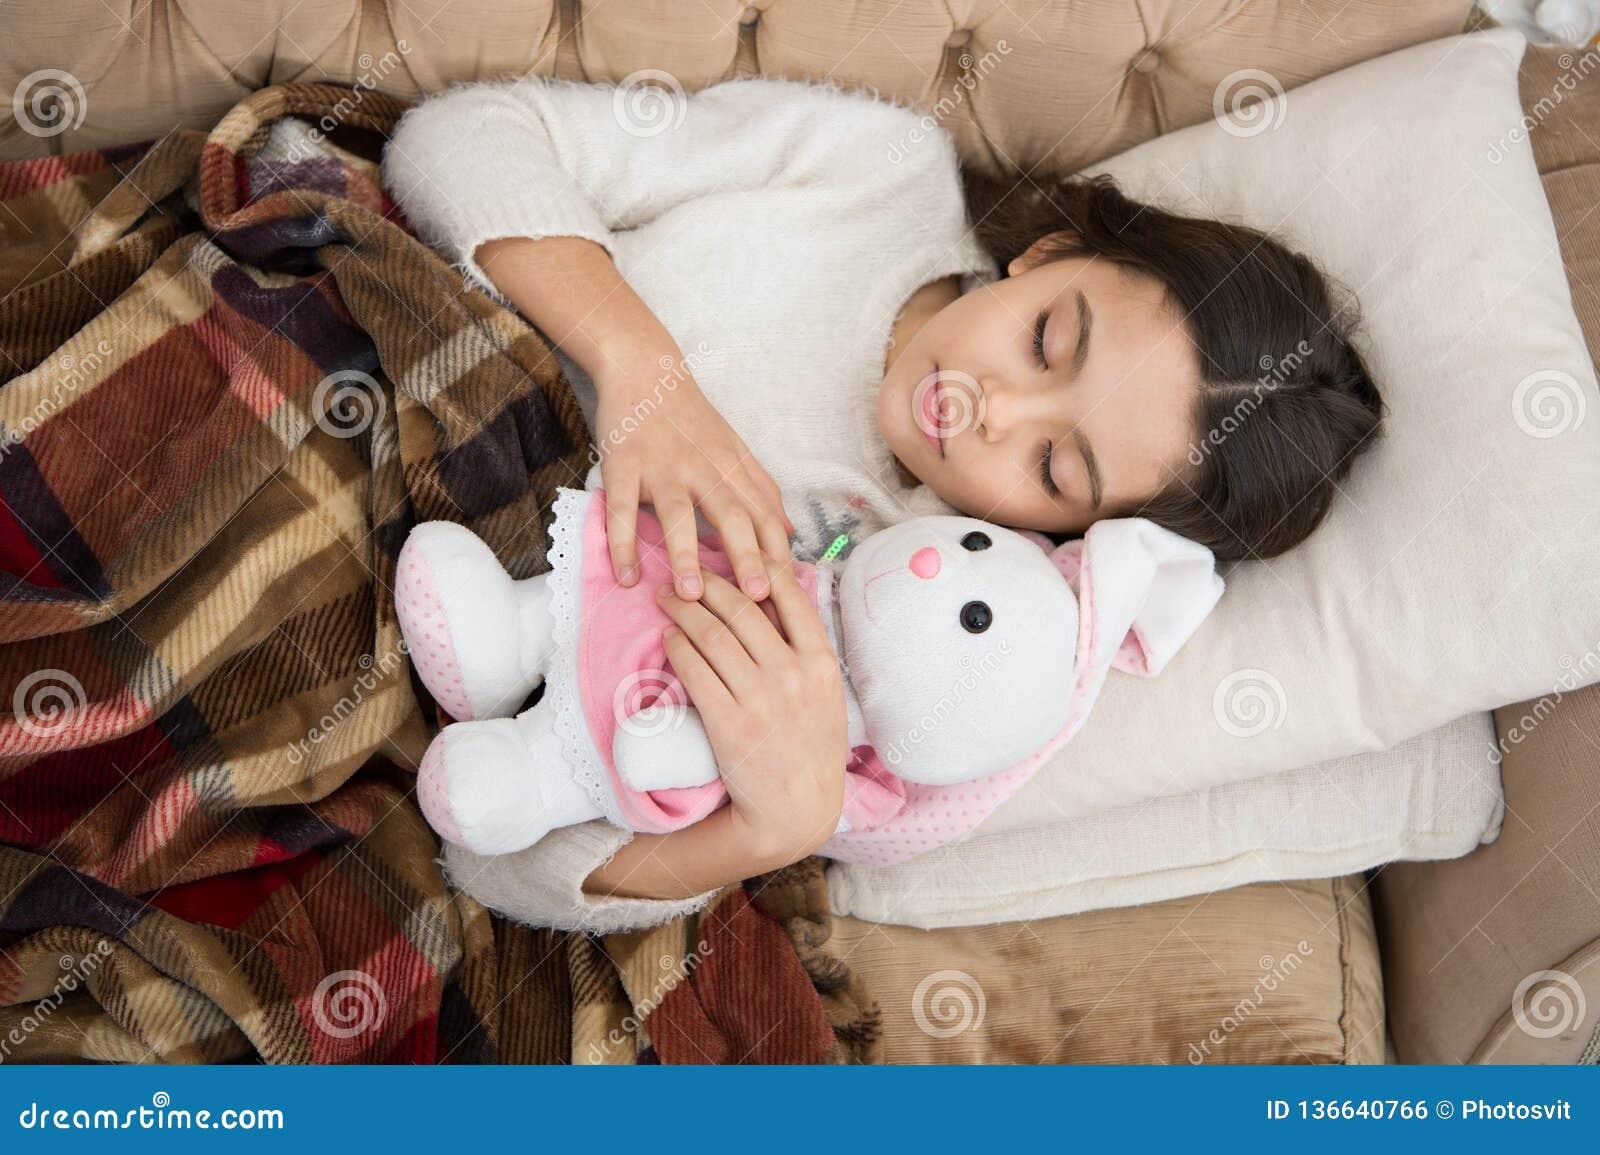 Sueño feliz de la niña en cama Familia y amor El día de los niños Buenos días Cuidado de niños pequeño niño de la muchacha Sueños